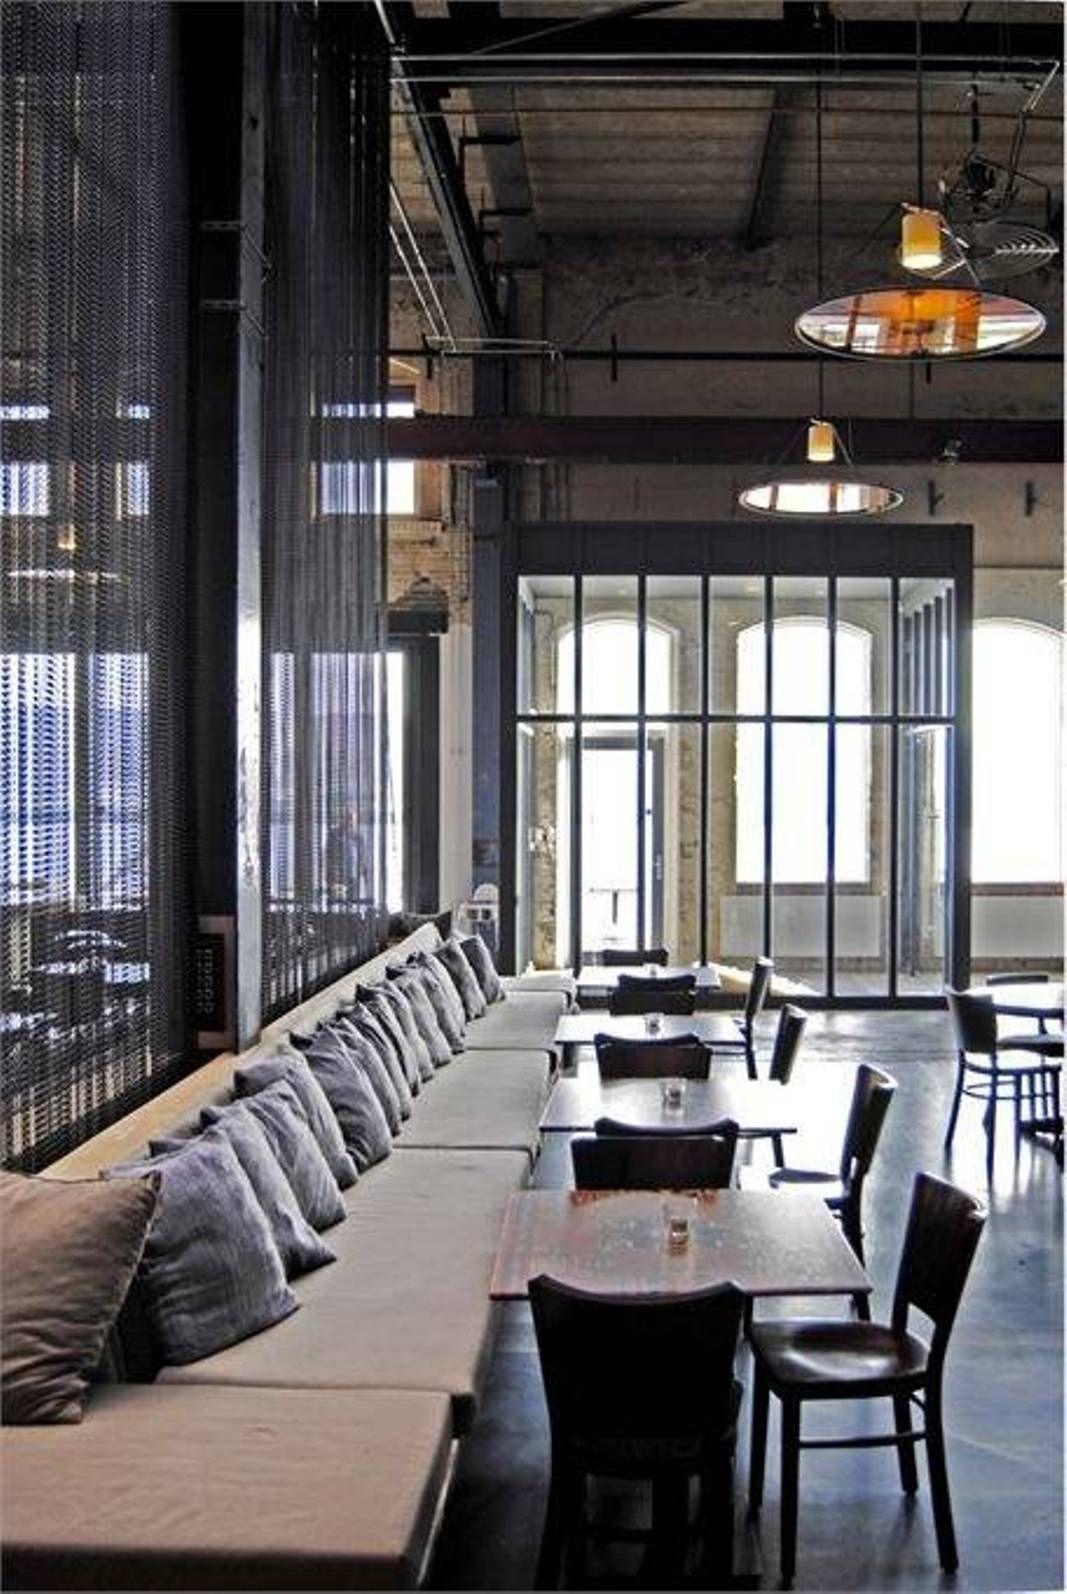 cafe interior design ideas bar cafe interior cafe interior rh pinterest com